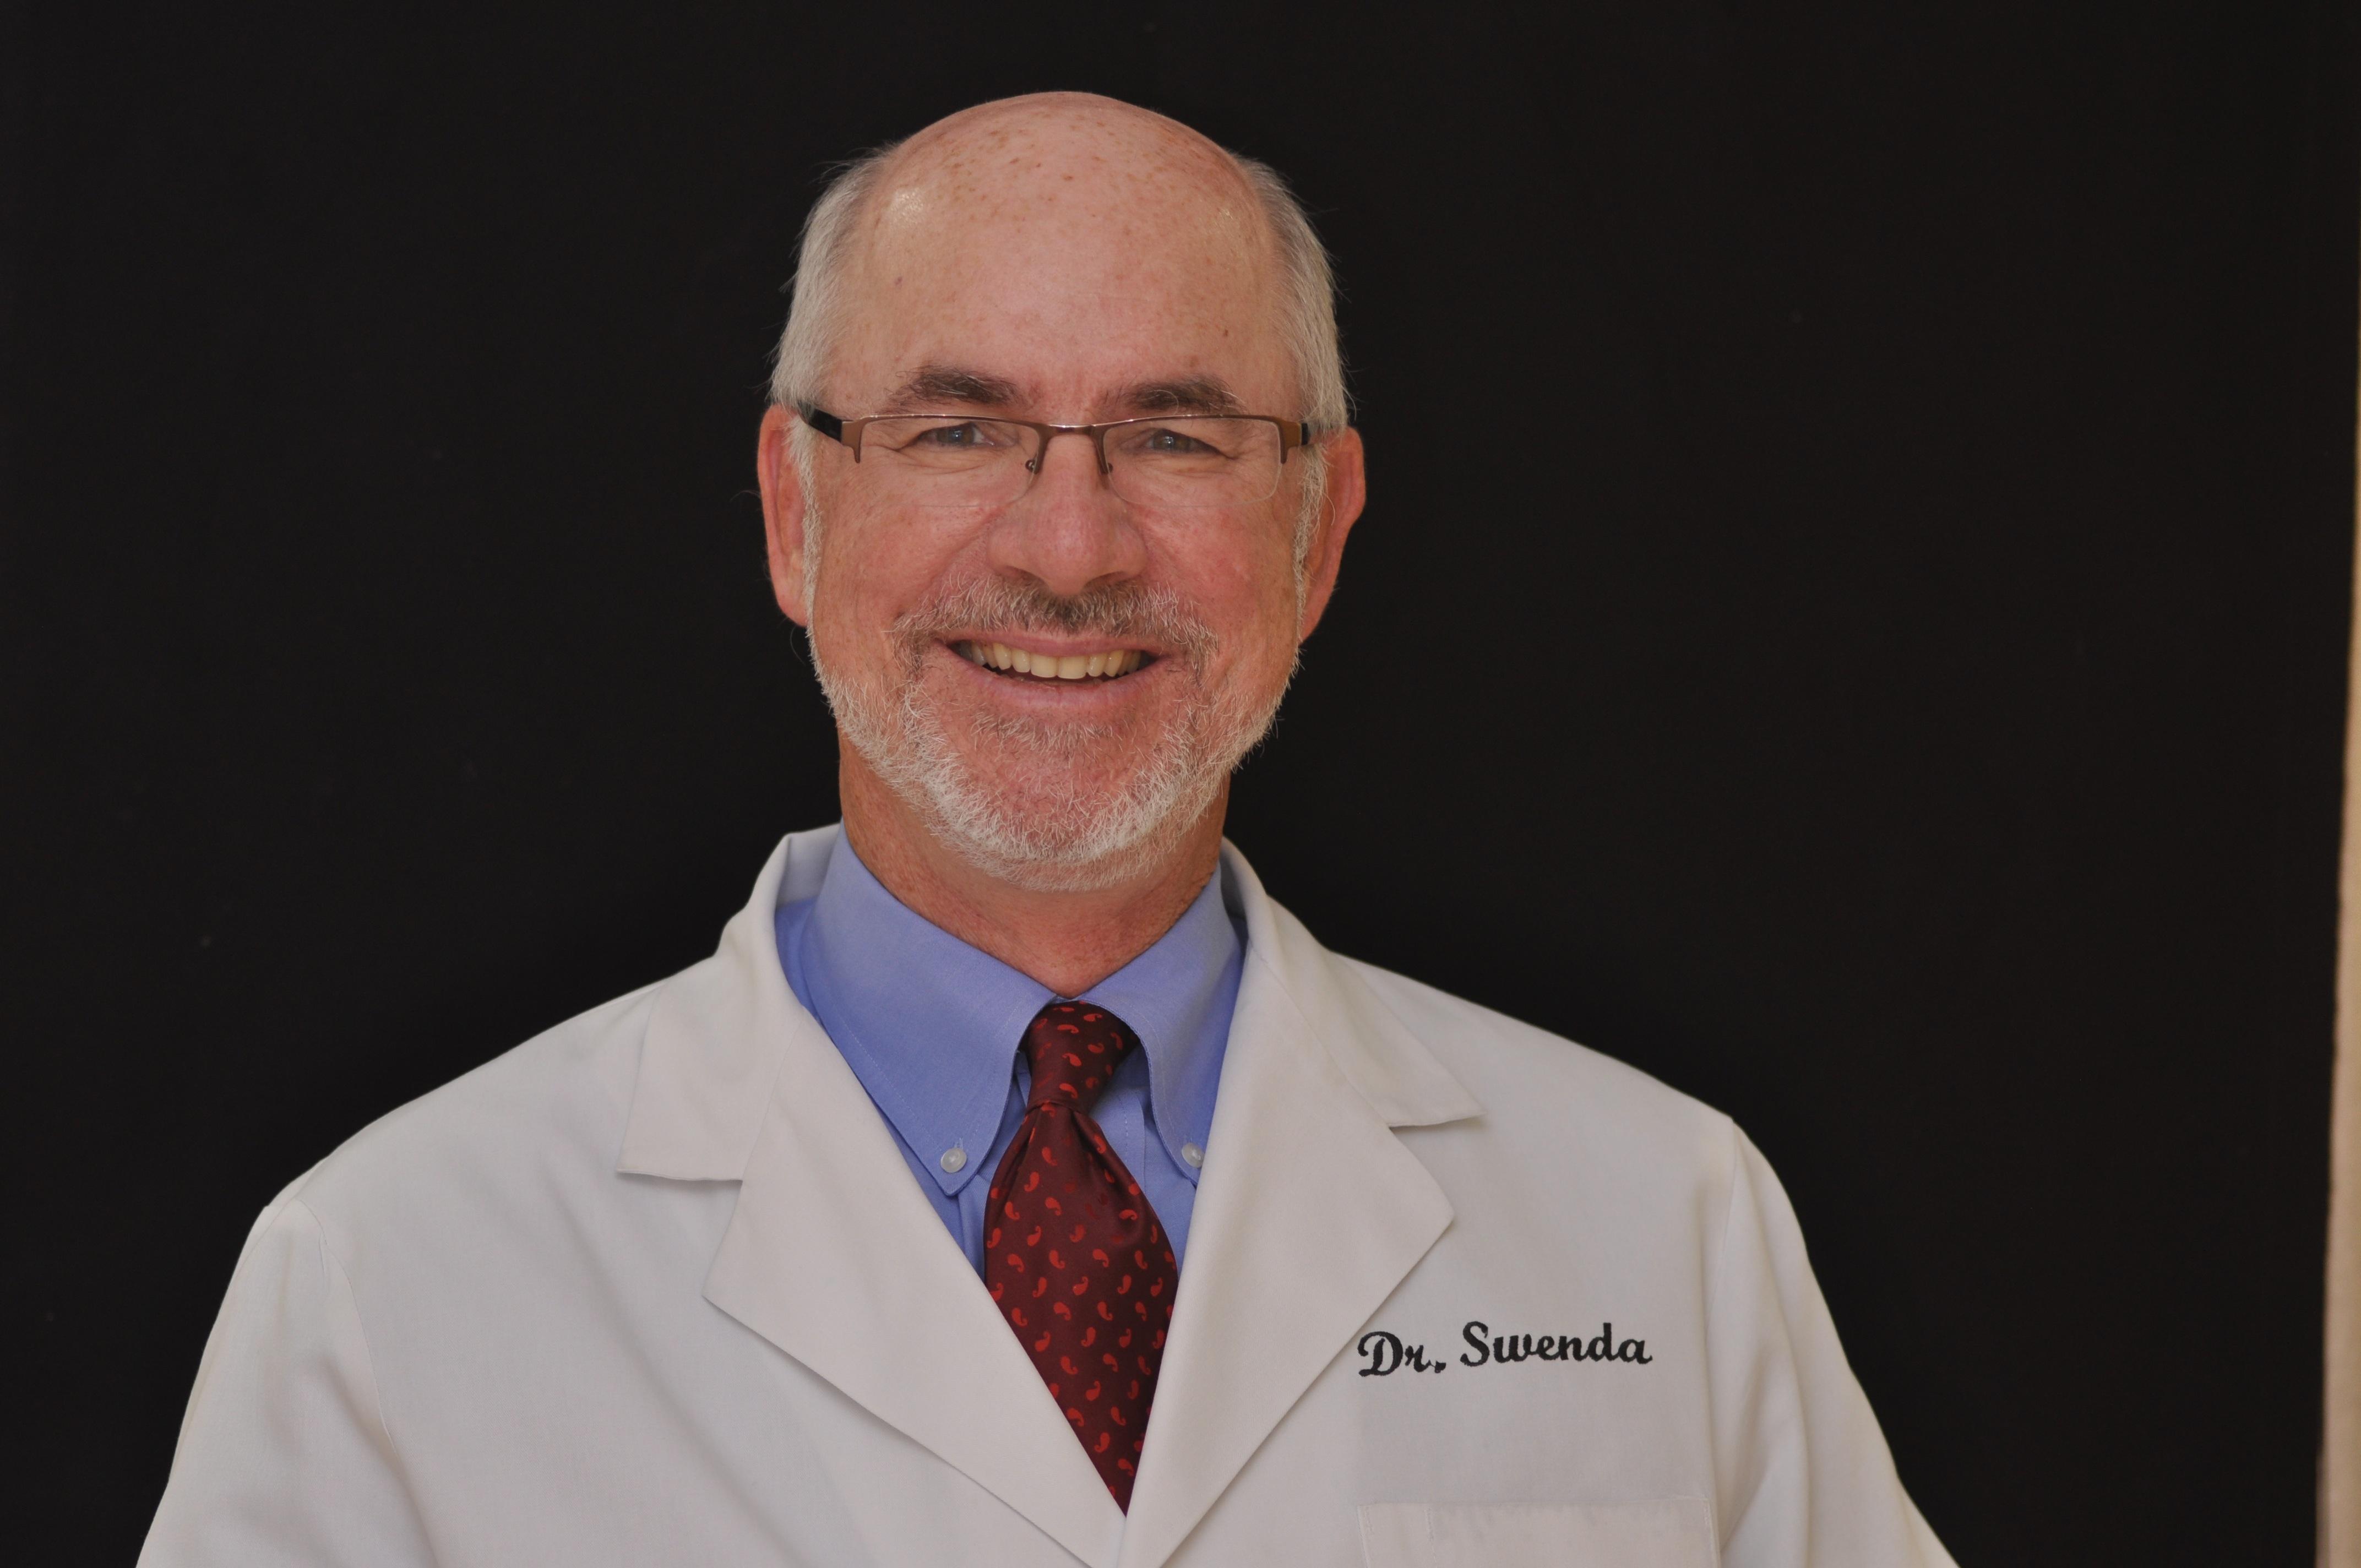 Andrew E. Swenda, Jr., D.M.D - Swenda Dental